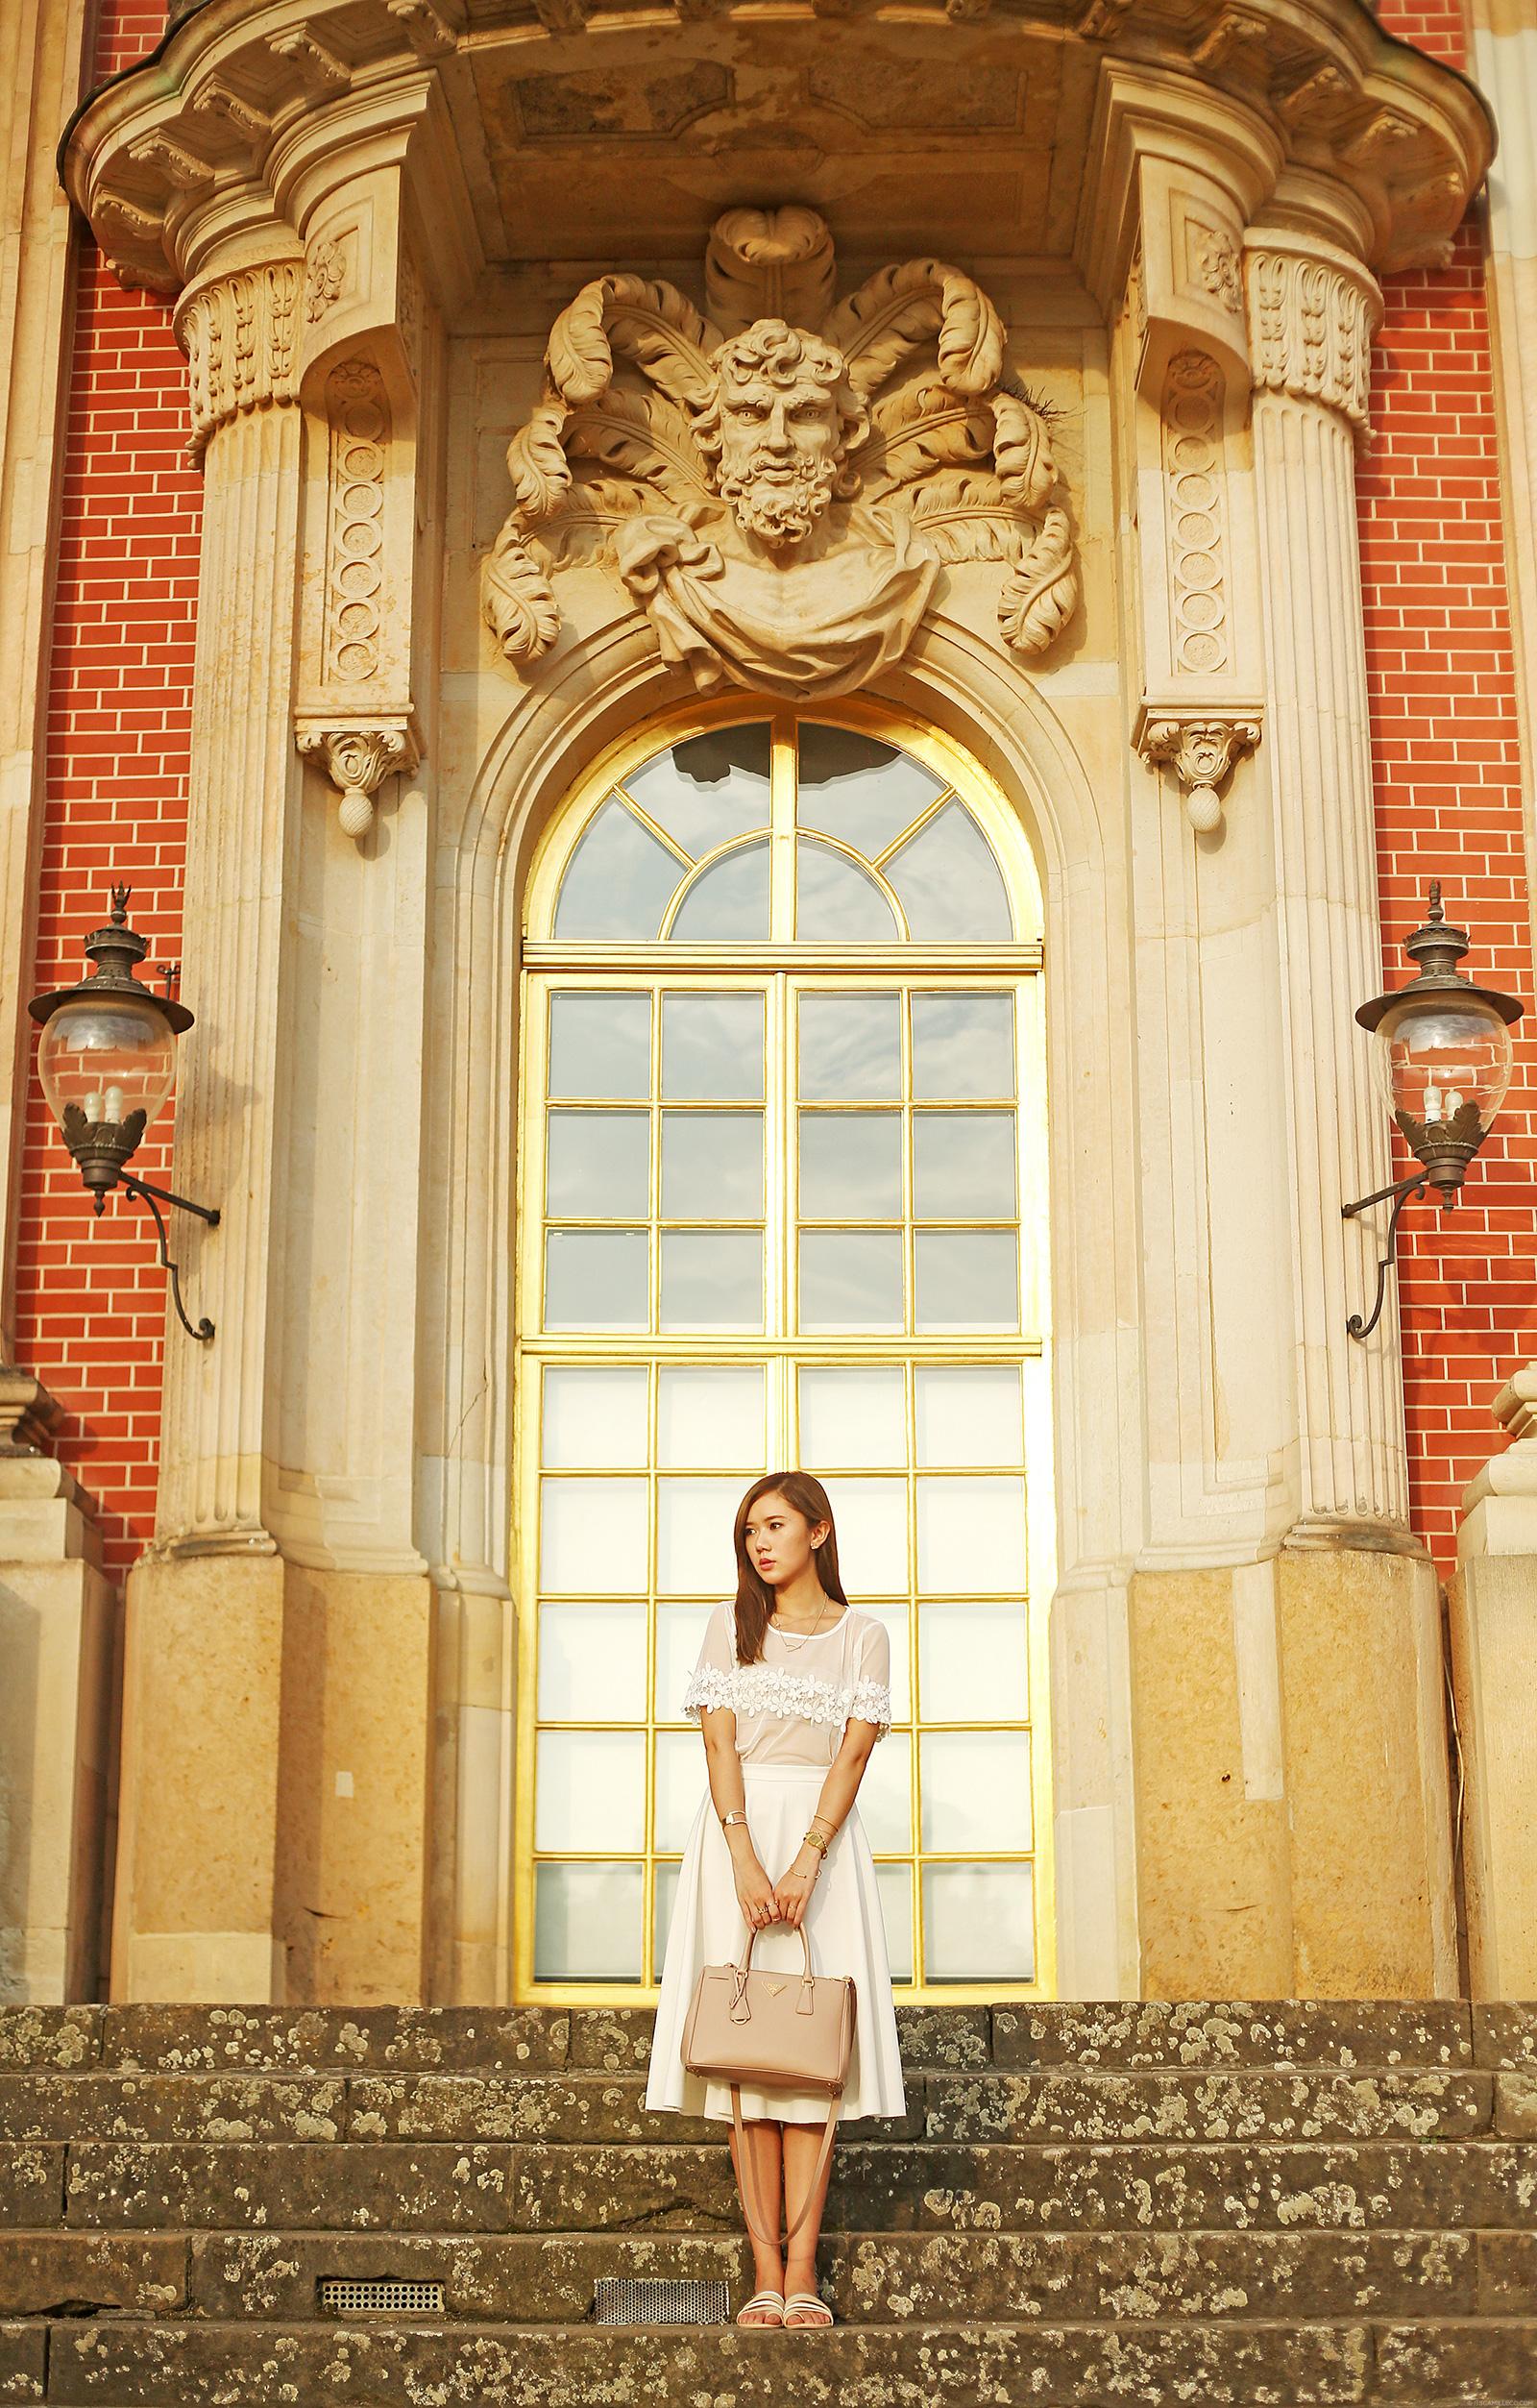 Neues Palais Potsdam | itscamilleco.com